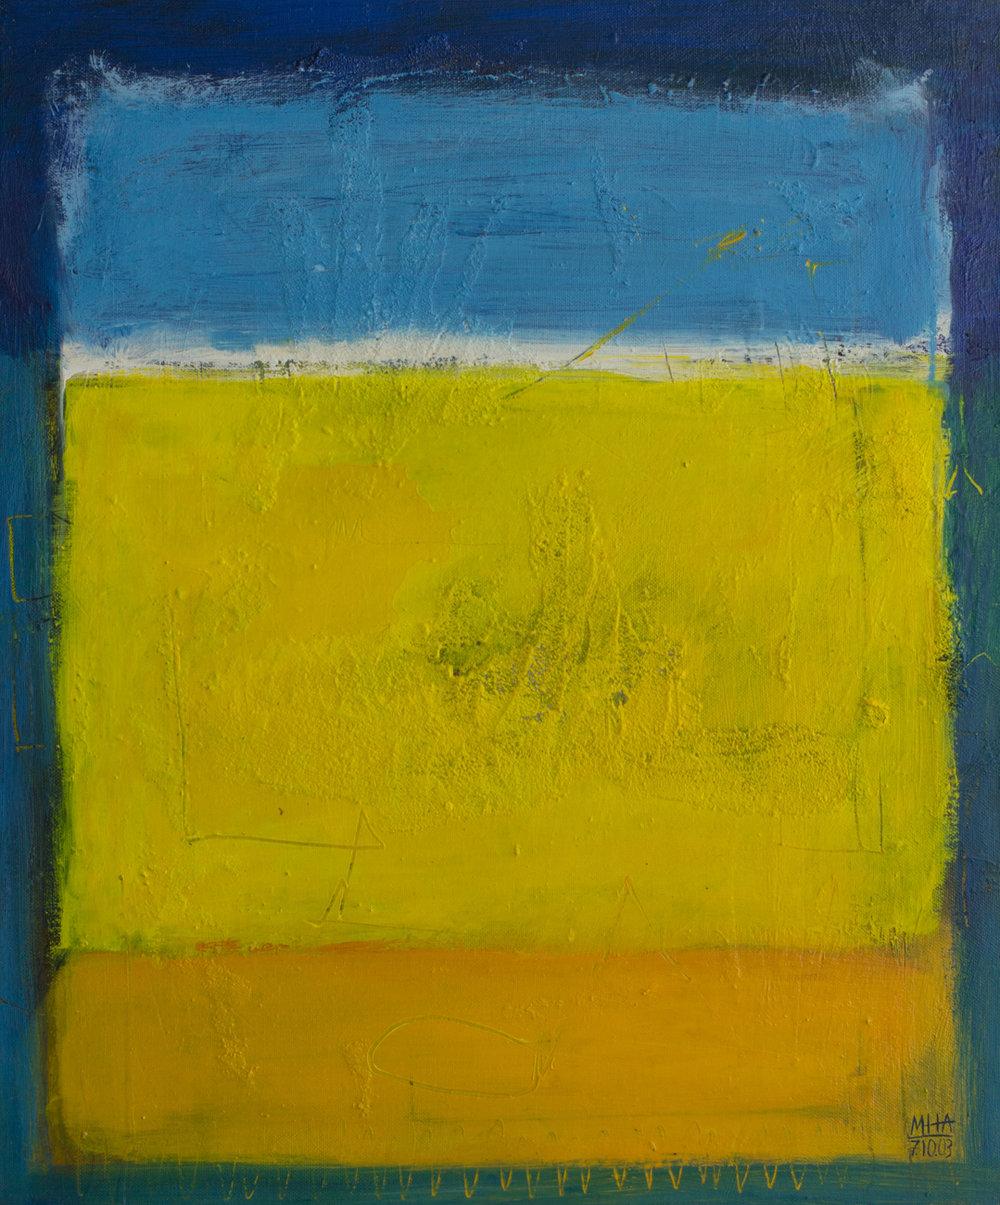 Tapiz 8 , 2002,Acryl auf Leinwand, 50x60 cm